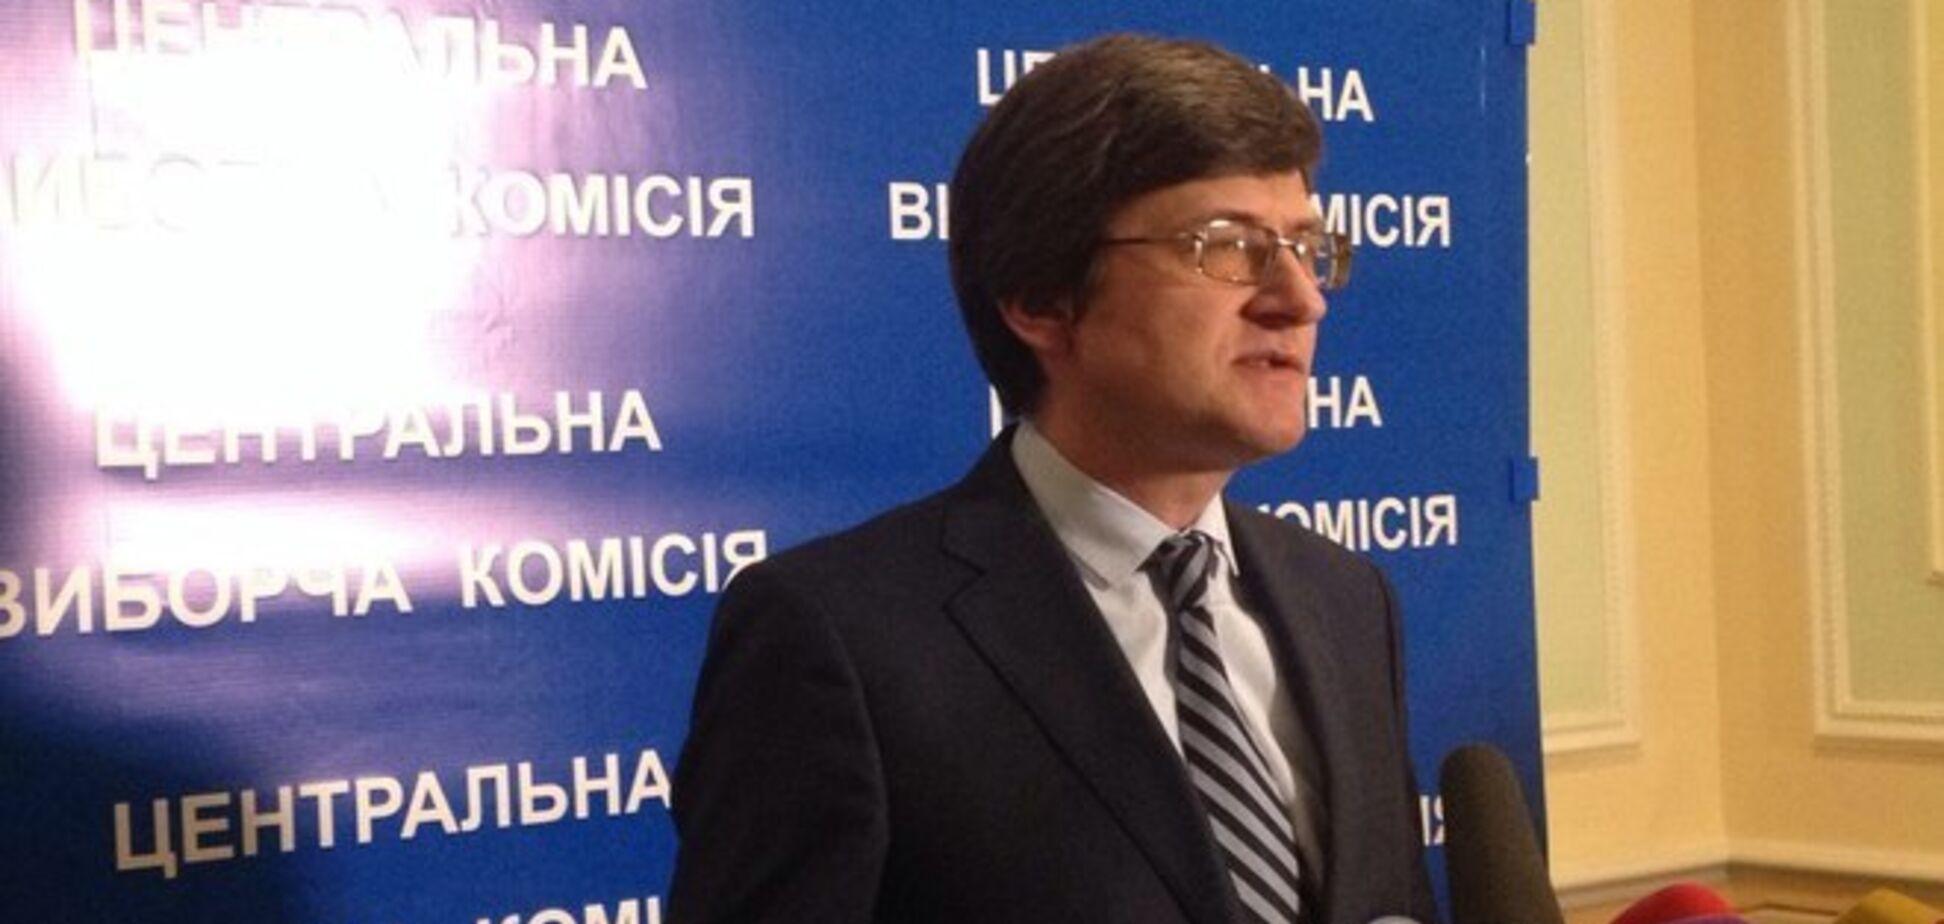 Магера назвал лидеров и аутсайдеров среди ОИК по передаче данных в ЦИК